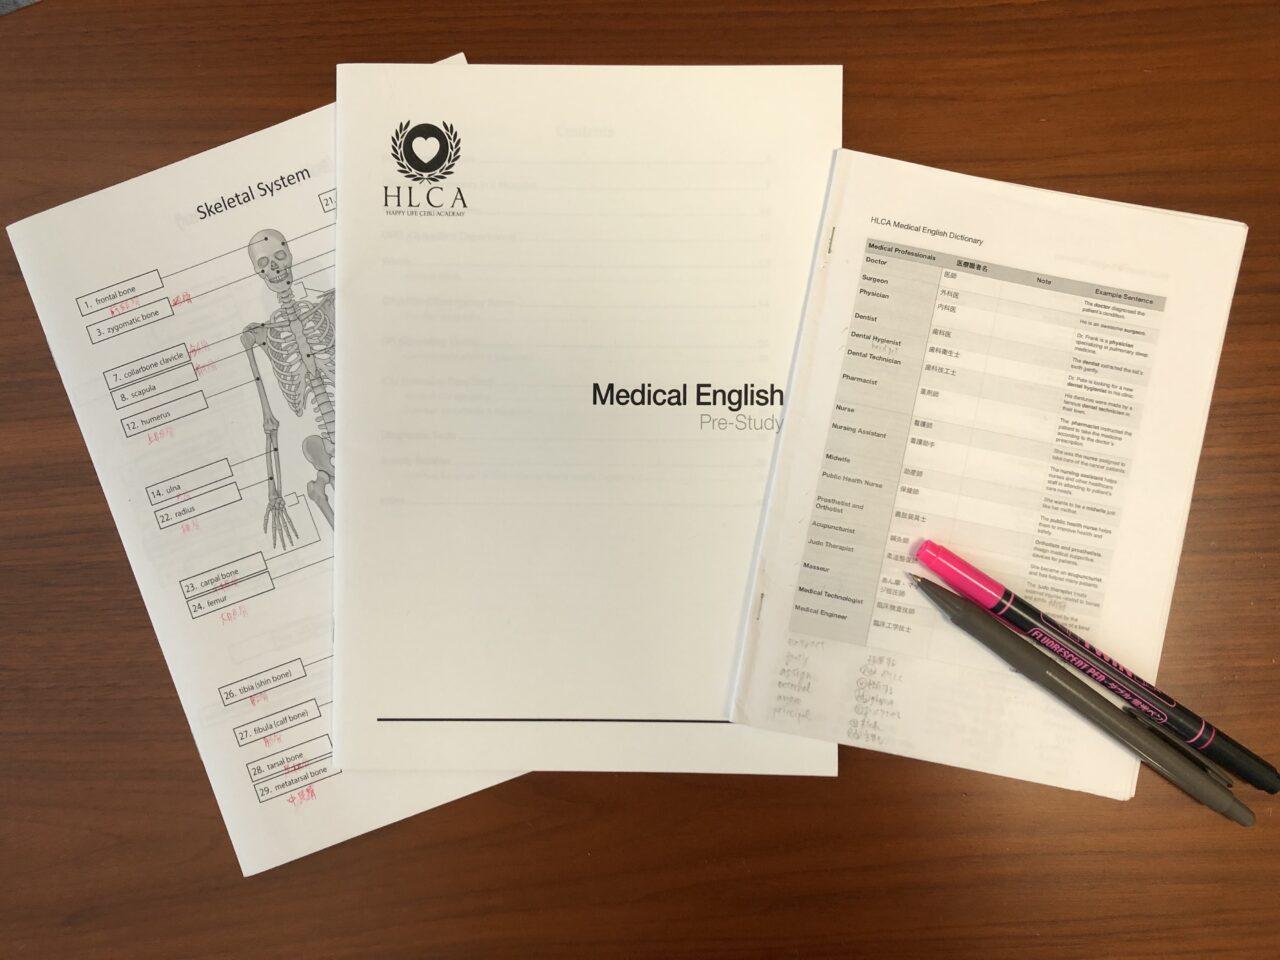 【HLCA受講生インタビュー】医療英語でコロナ療養施設の外国人対応ができました!と話す、看護師のオンラインレッスン体験談